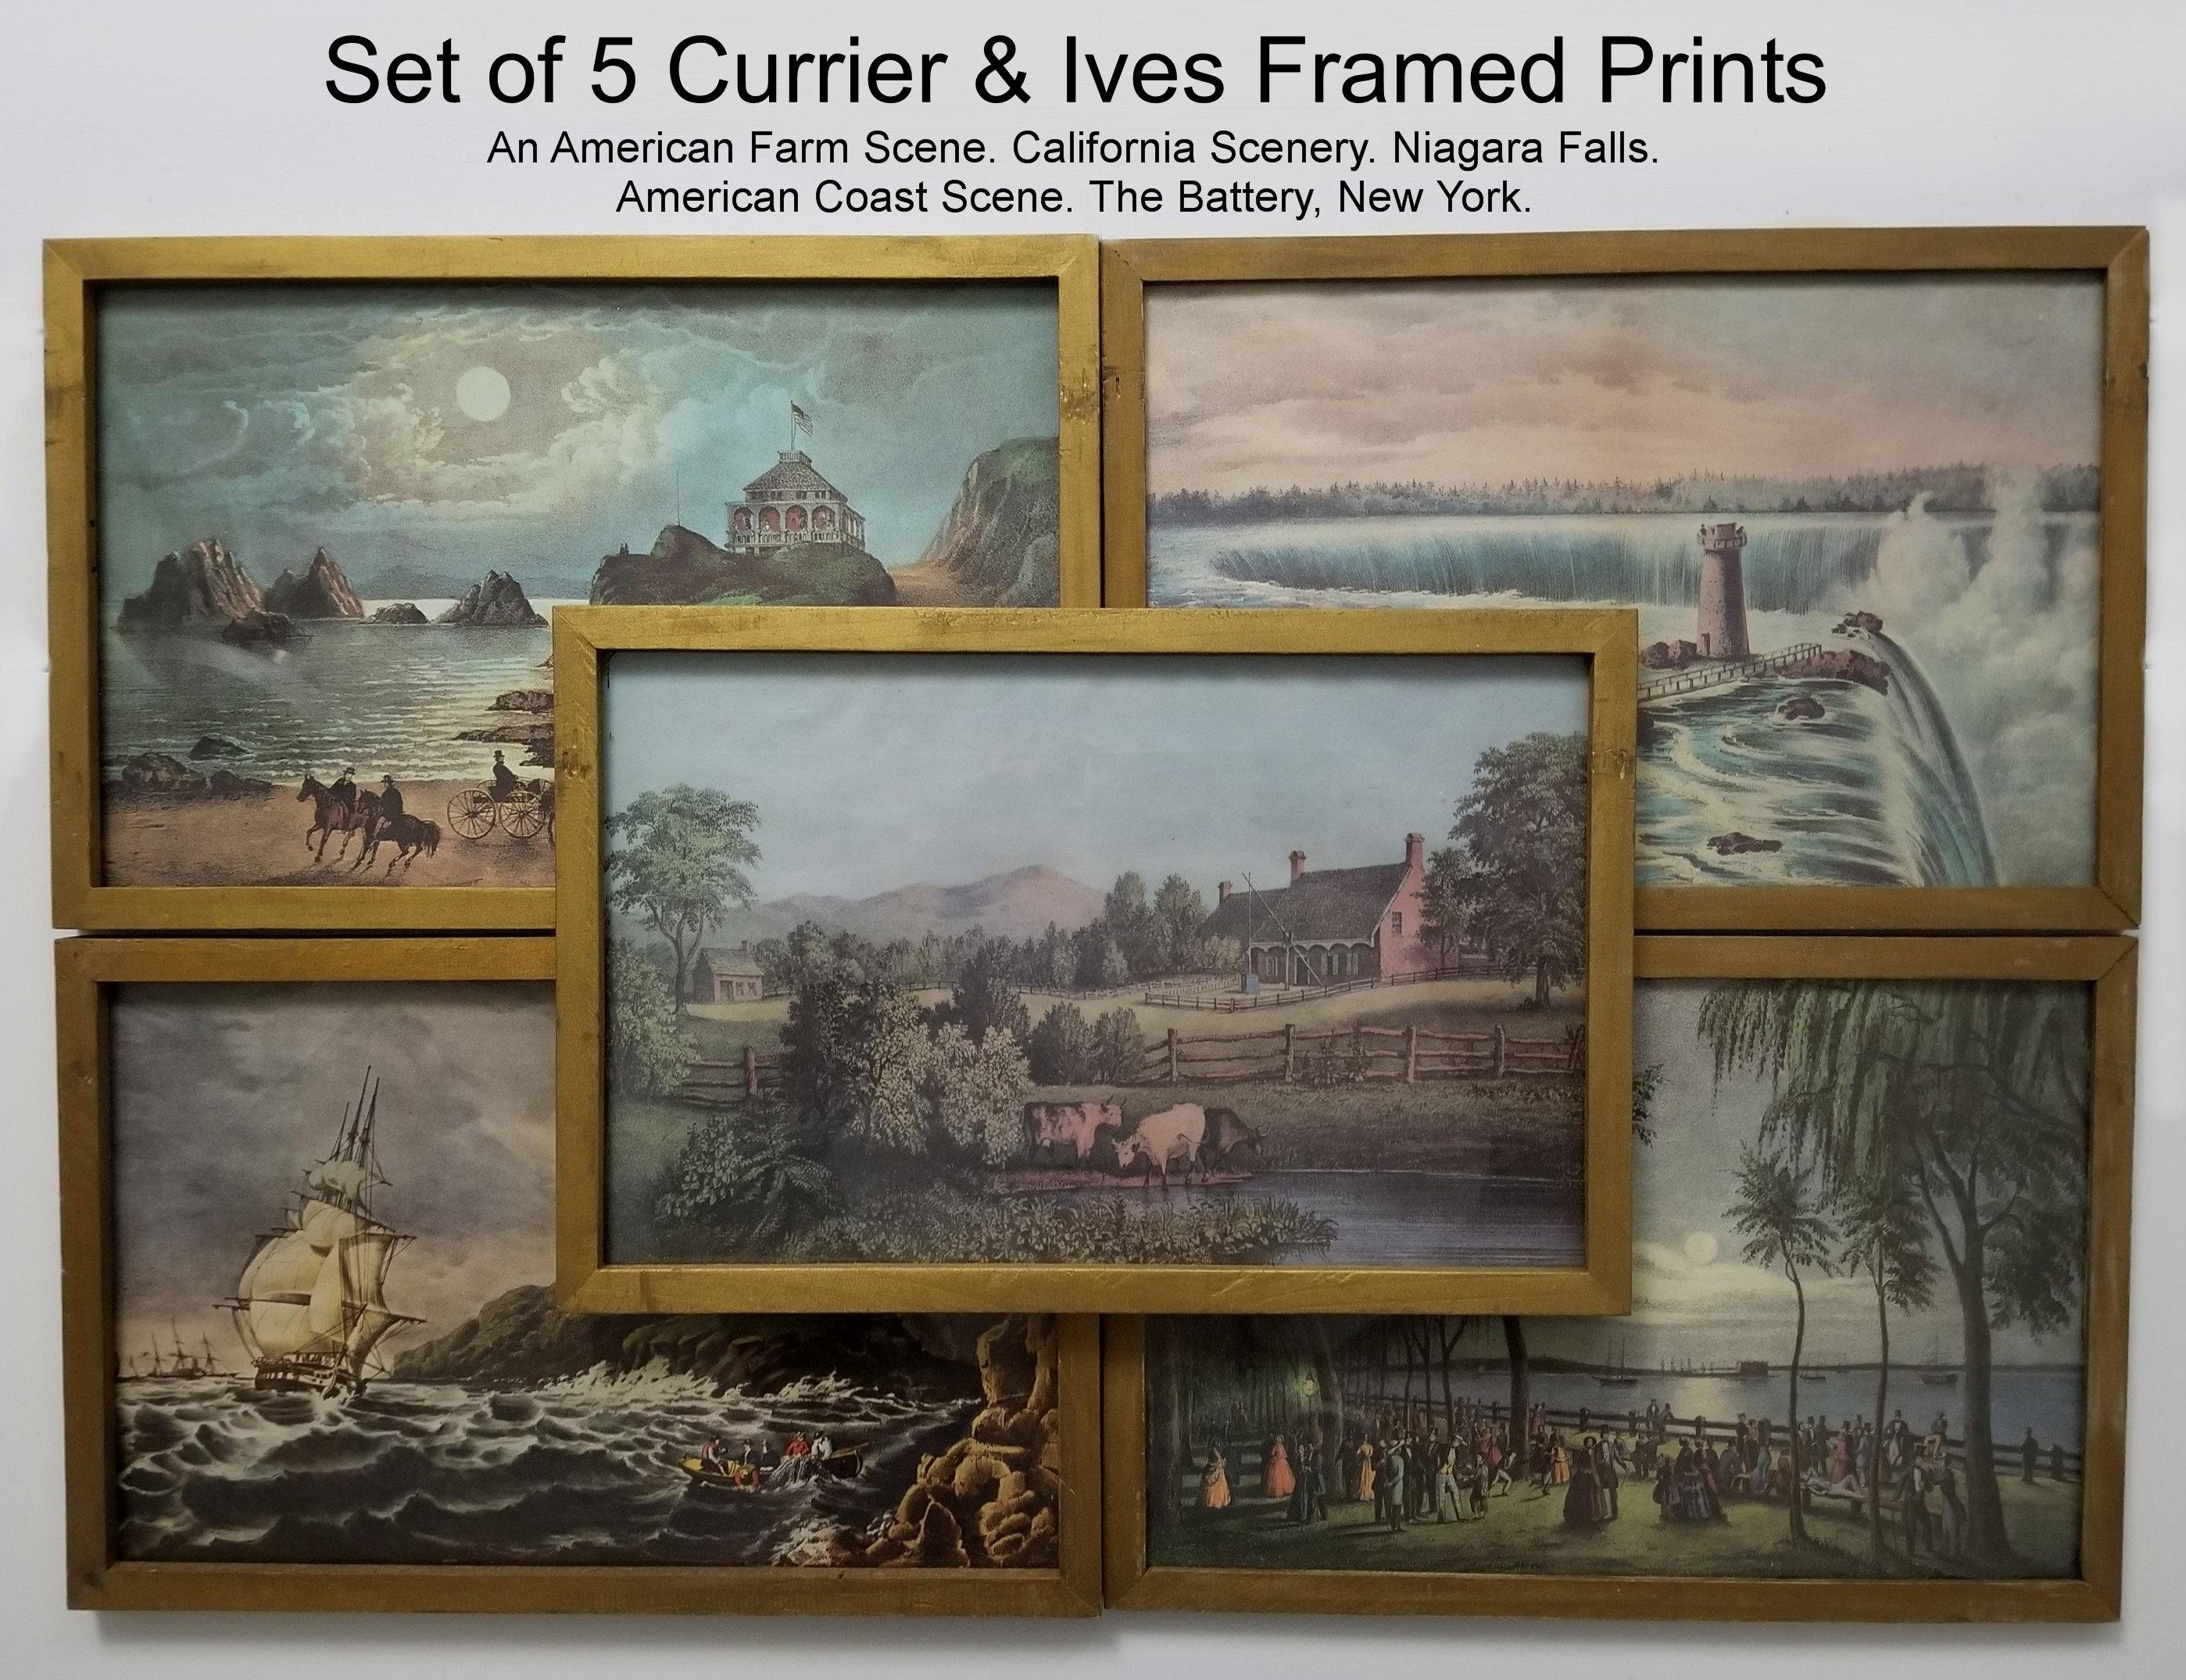 5 vintage currier ives